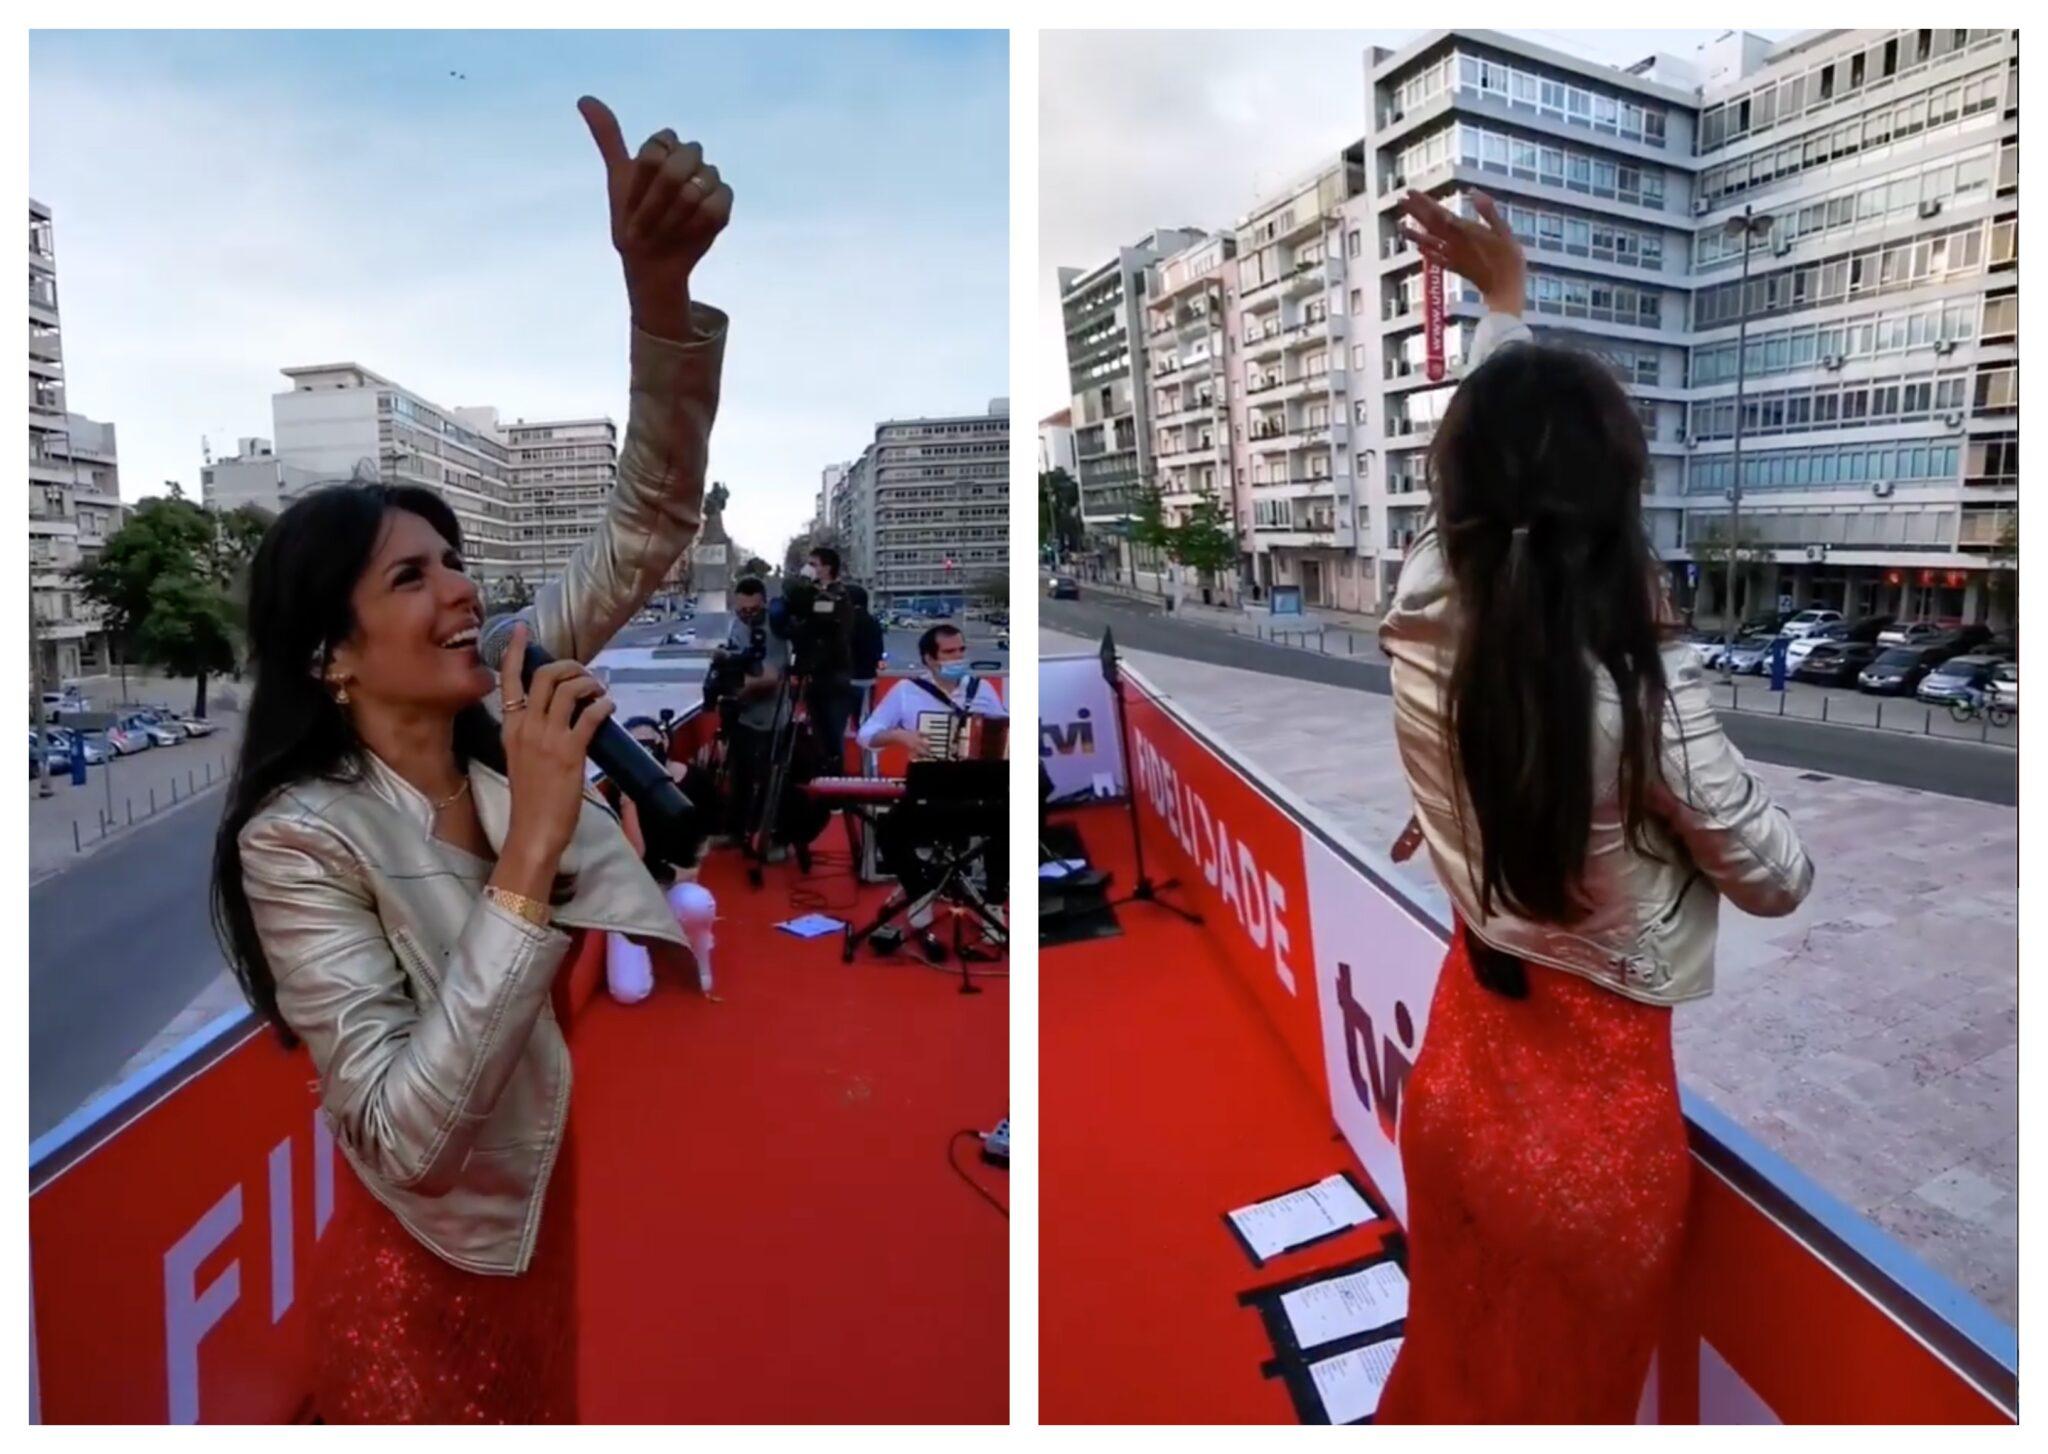 Cuca Roseta Scaled Cuca Roseta Encantou Nas Ruas De Lisboa: &Quot;Que Espectáculo Mais Emocionante!&Quot;